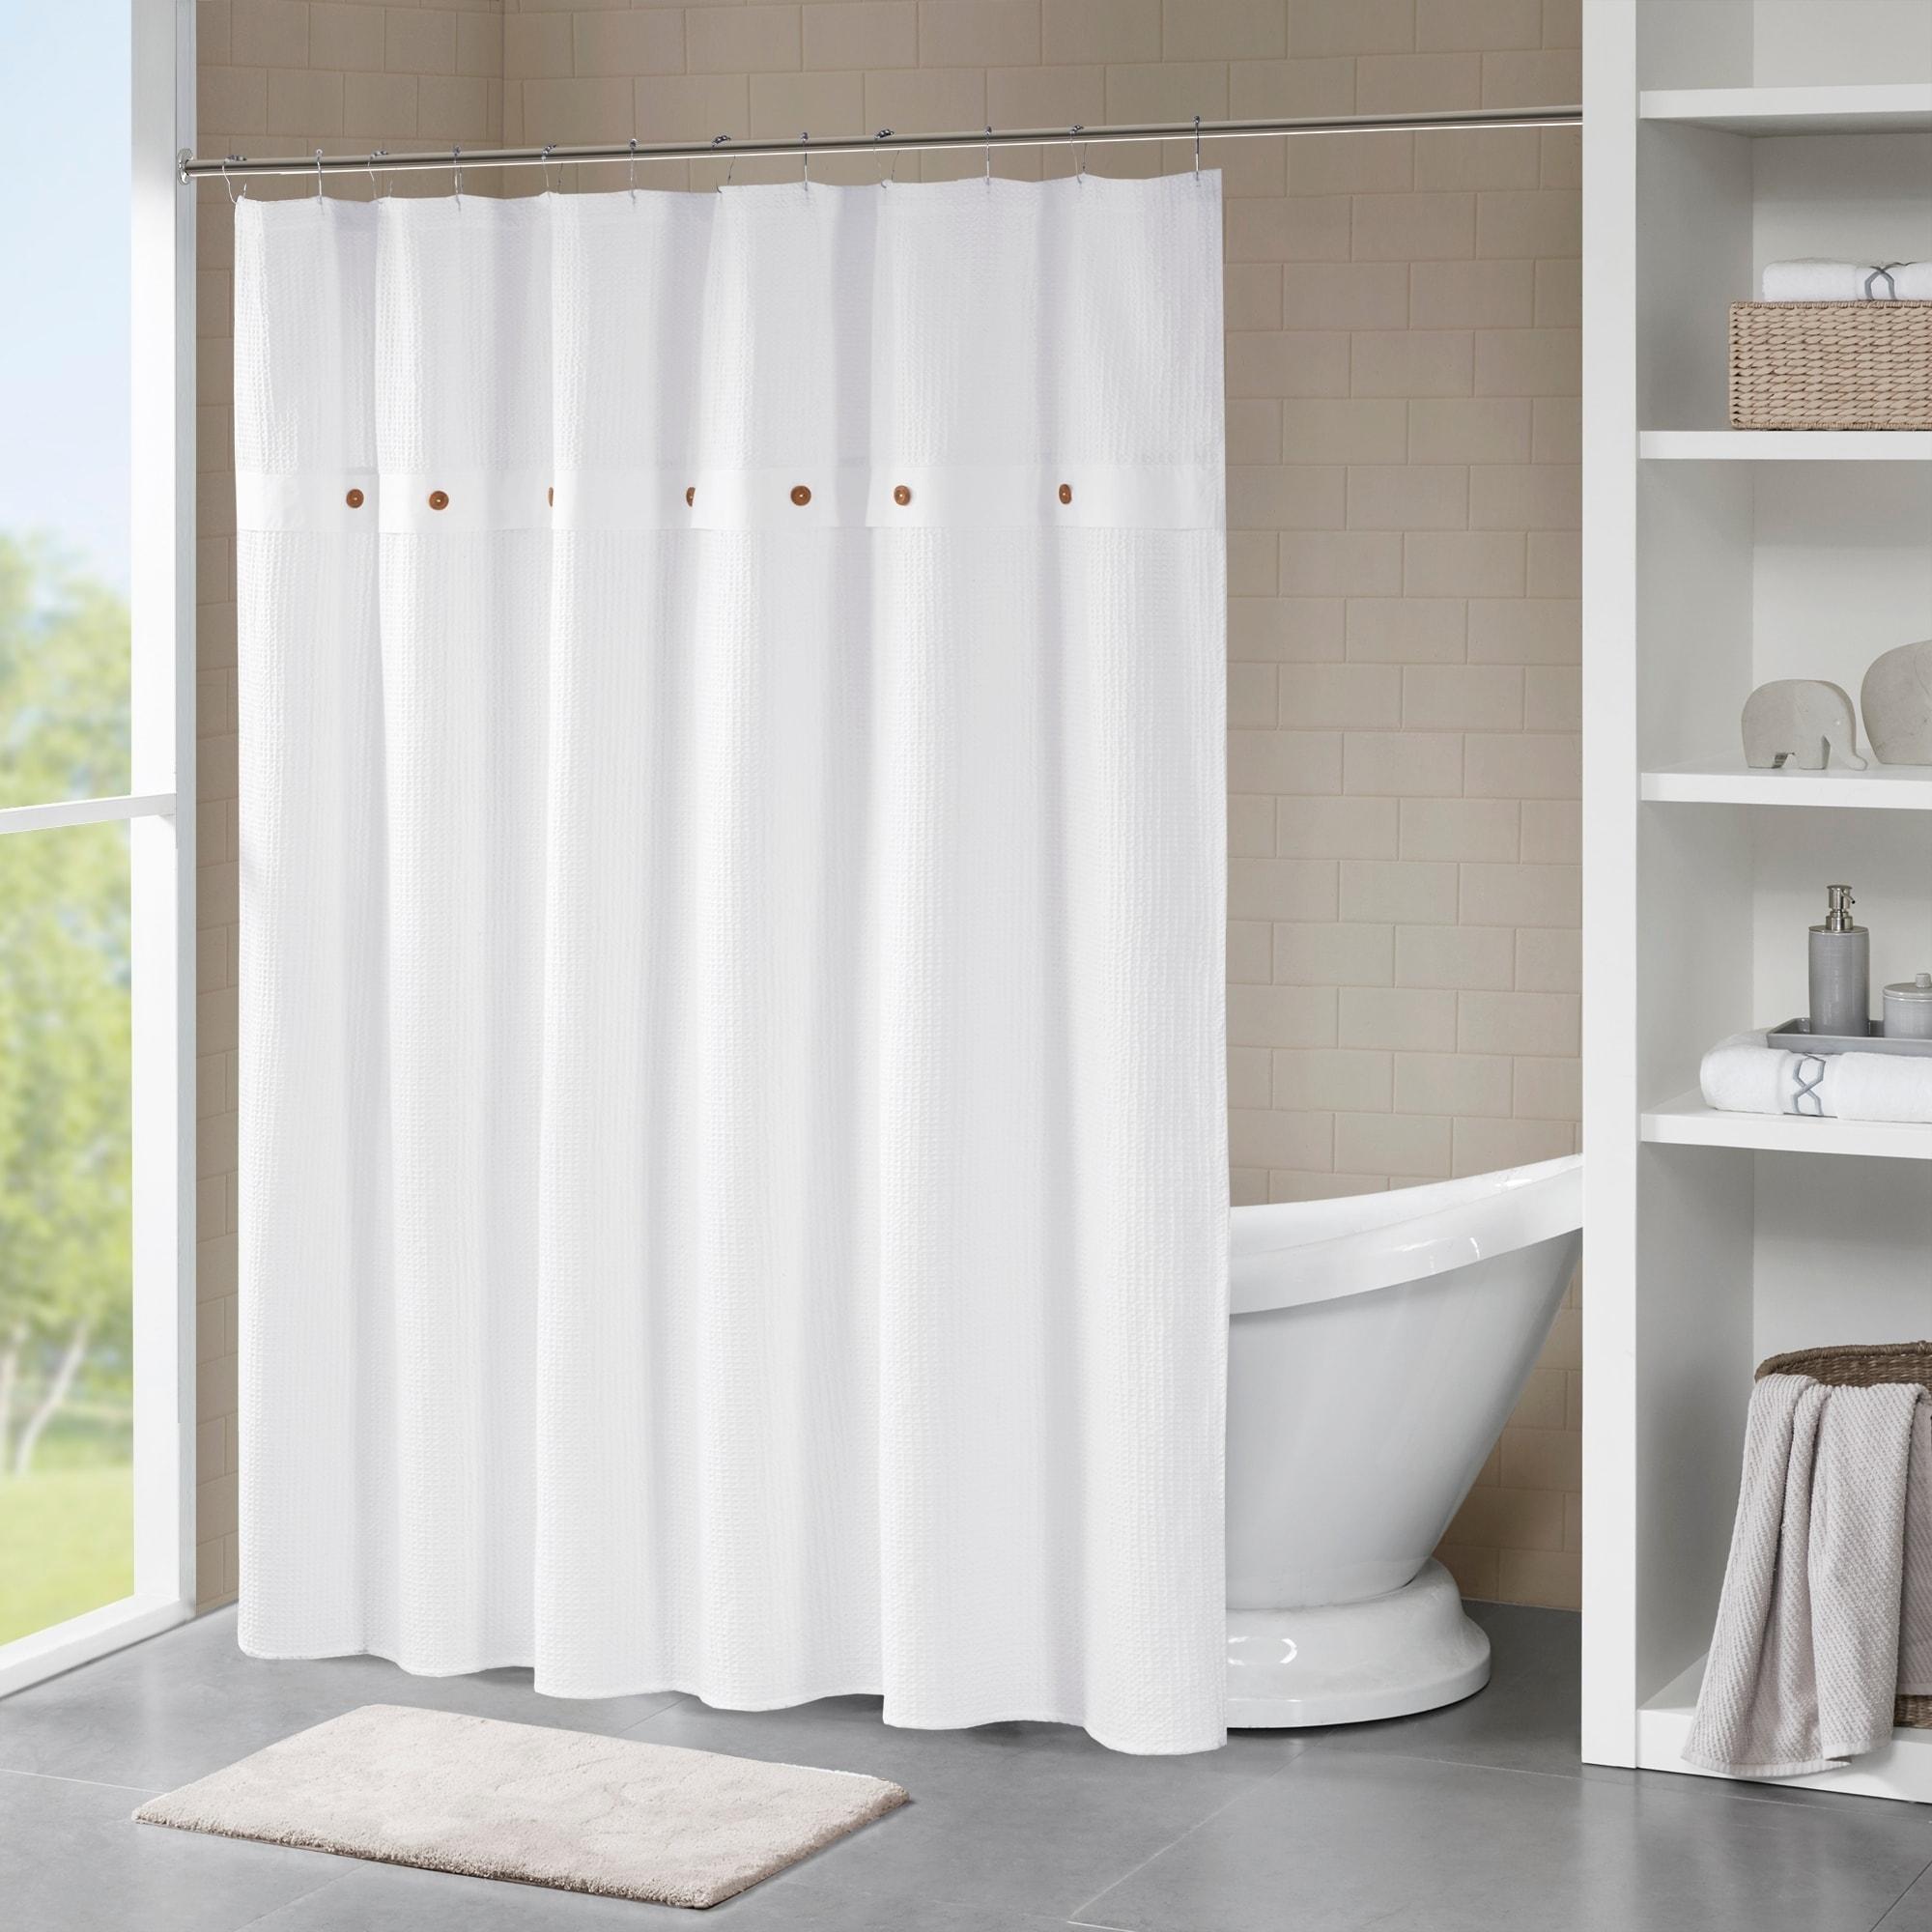 Madison Park Bath & Towels | Shop our Best Bedding & Bath Deals ...